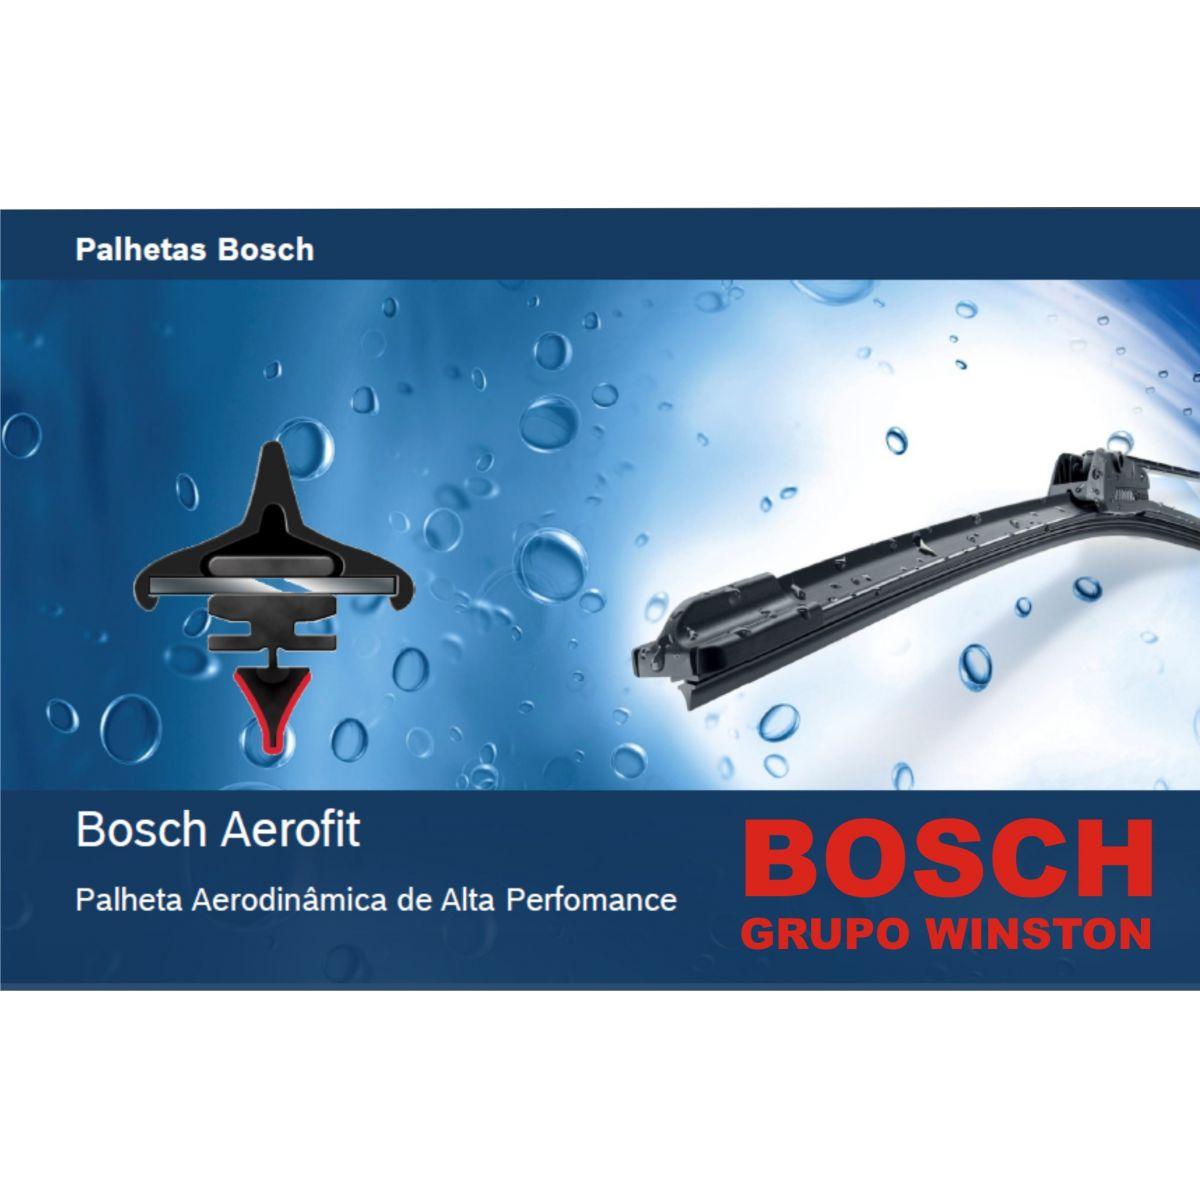 Palheta Bosch Aerofit Limpador de para brisa Bosch Chevrolet Calibra Omega I / Suprema Tracker Vectra